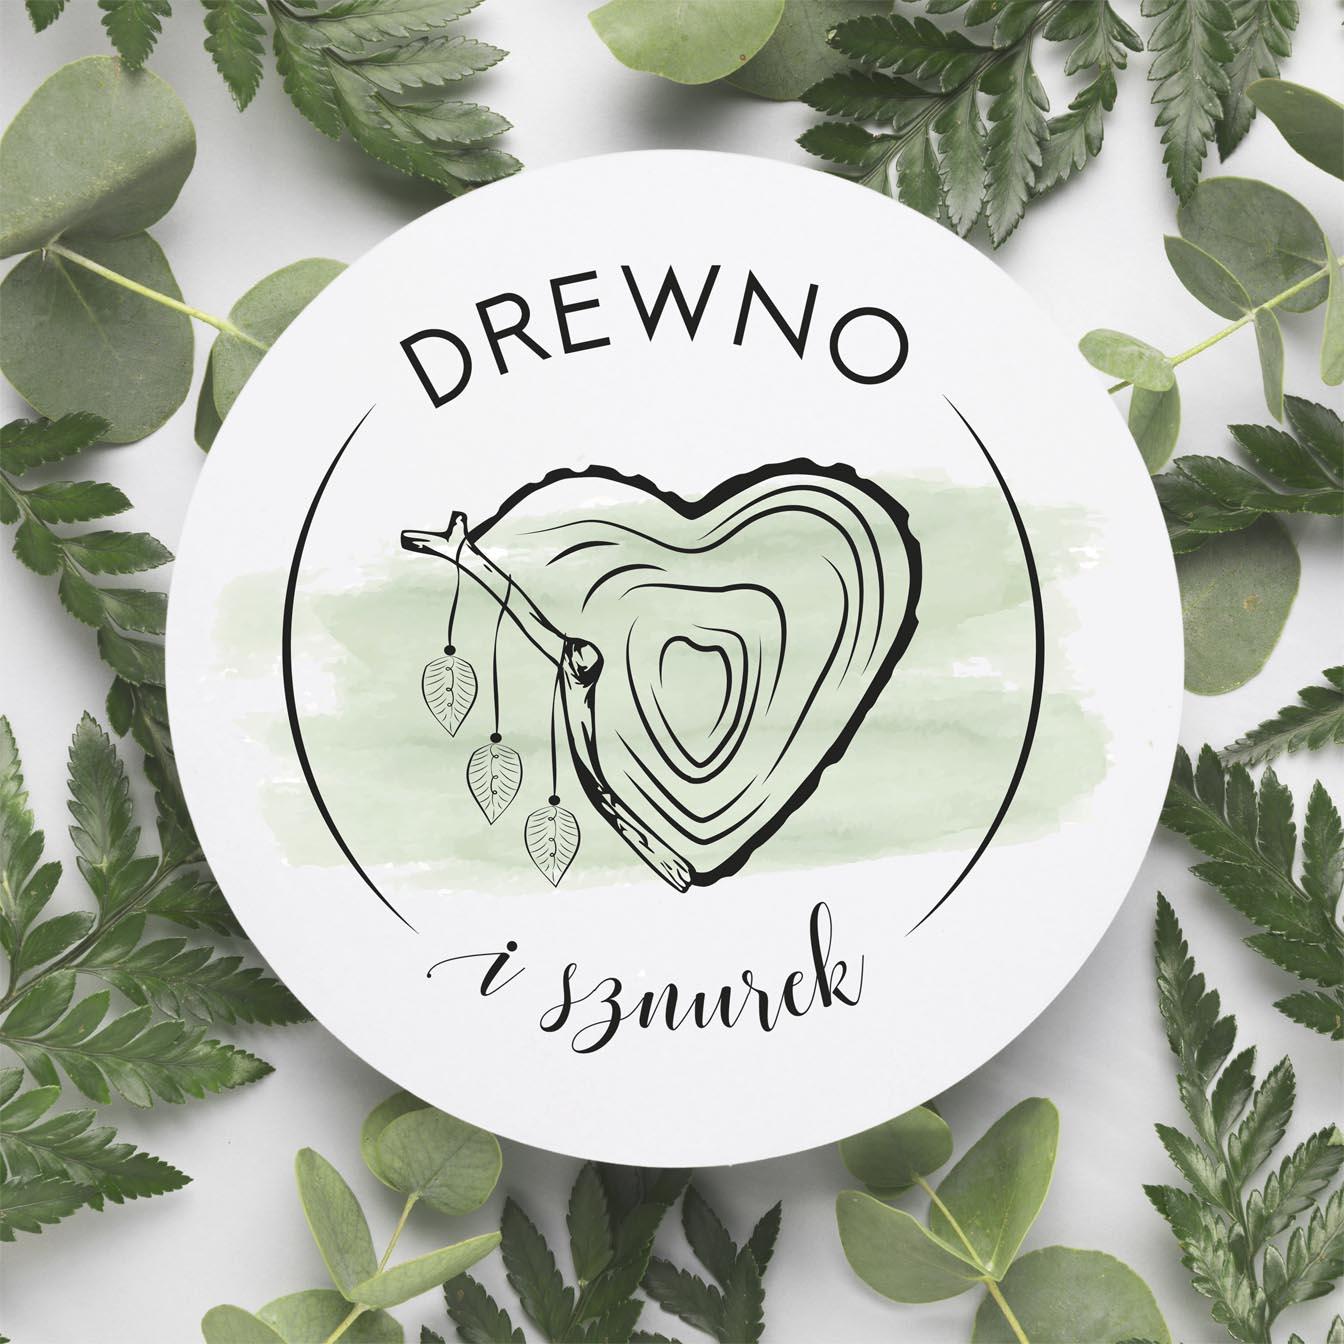 Projekt logo dla Drewno isznurek